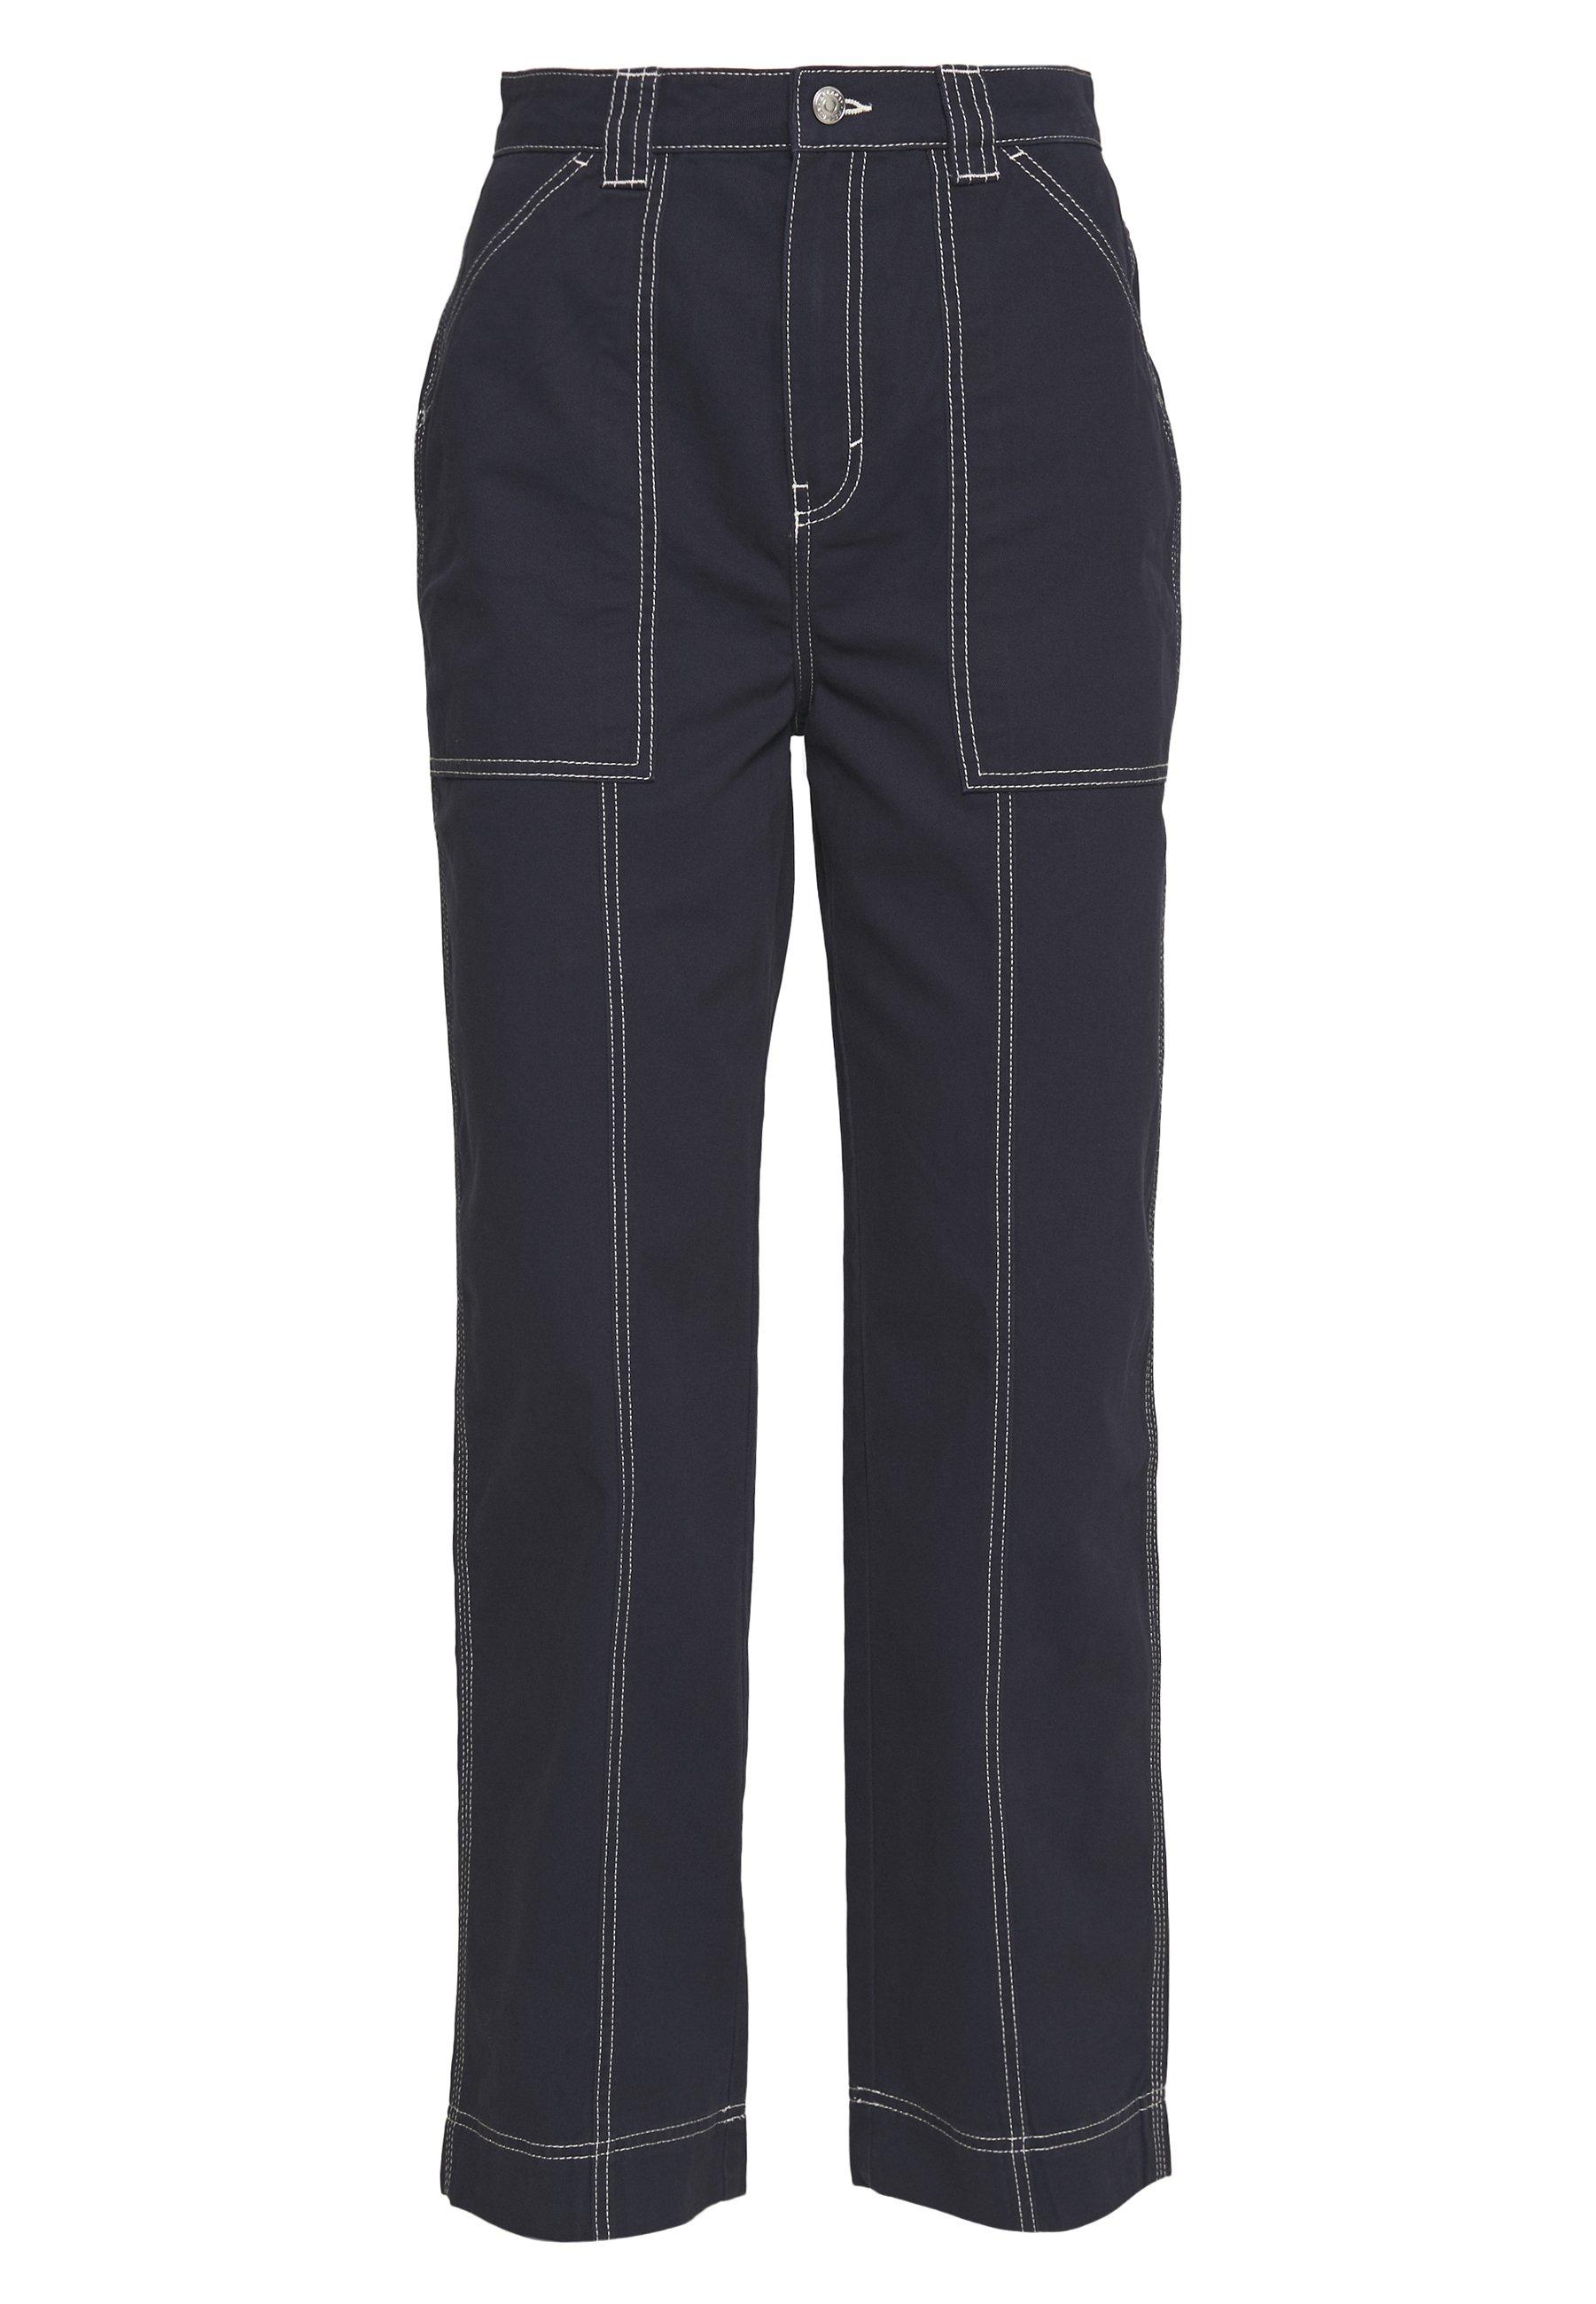 Weekday Gwyneth Trouser - Bukse Dark Navy